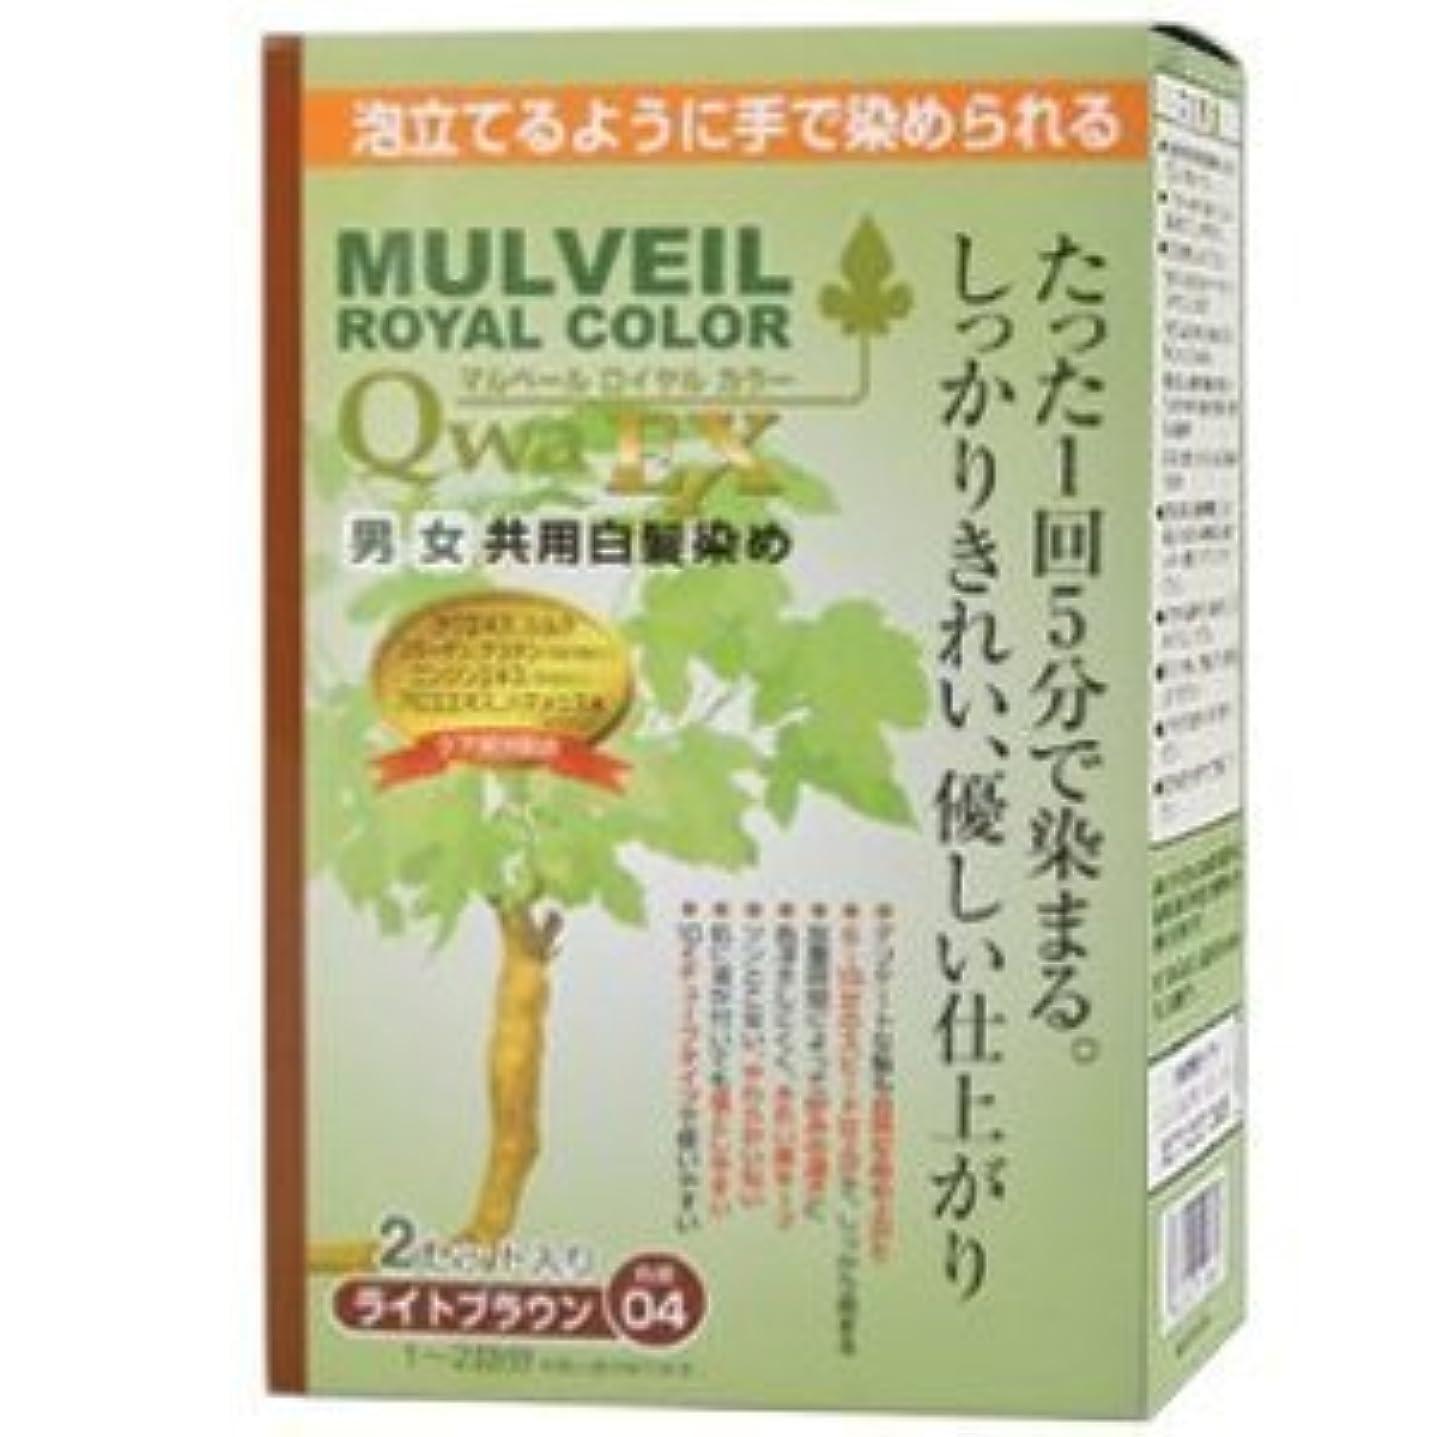 に対処する不和小麦マルベールロイヤルカラーEX4セット ライトブラウン